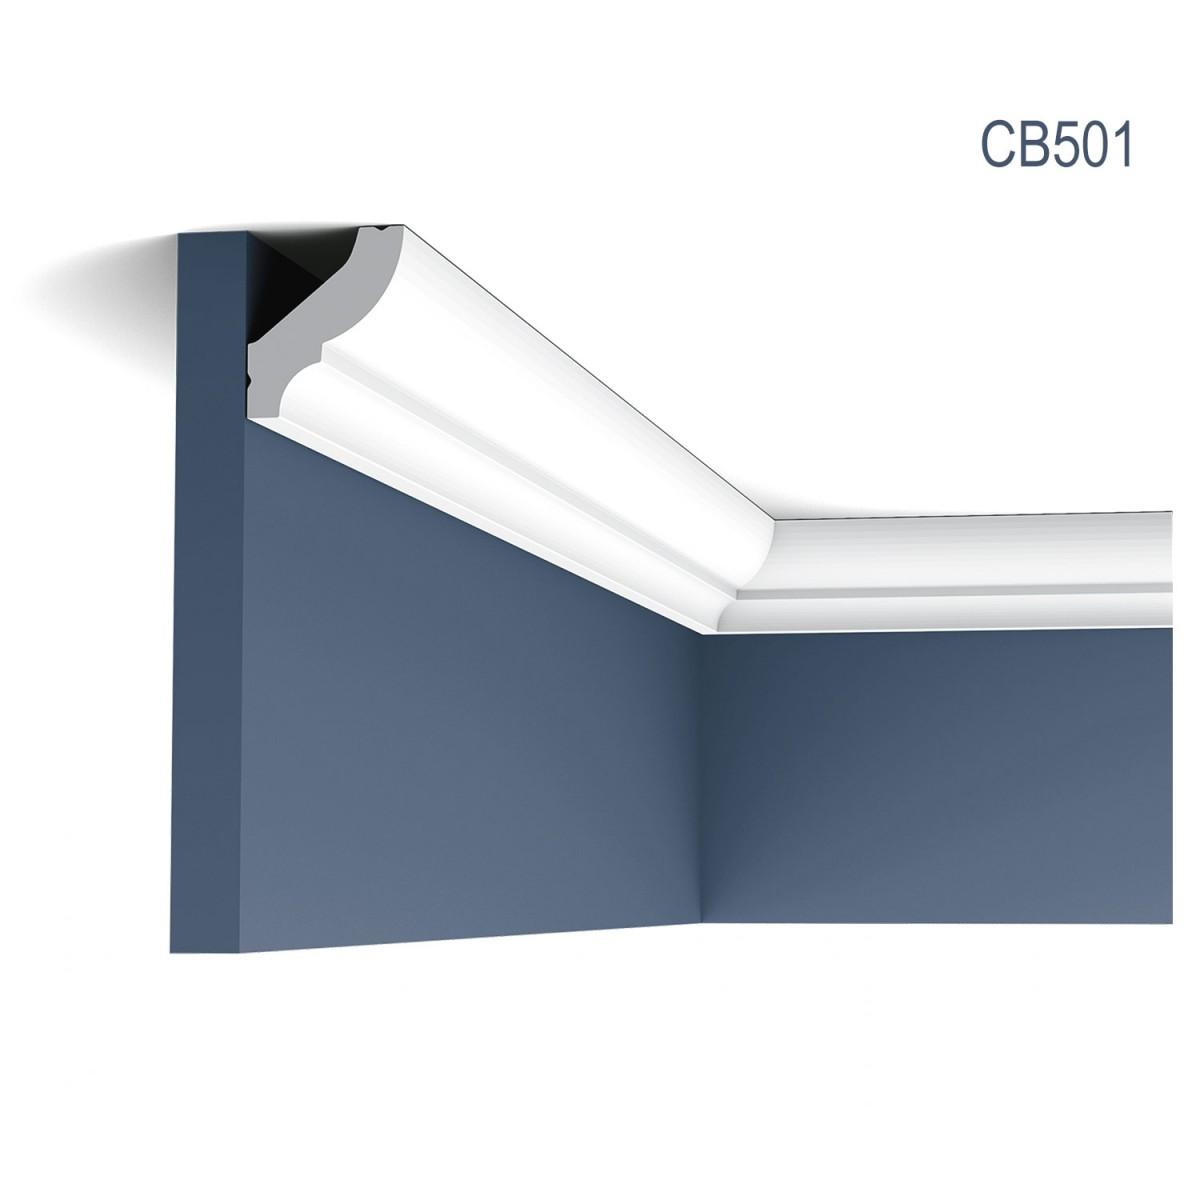 Cornisa Basixx CB501, Dimensiuni: 200 X 4.1 X 3.5 cm, Orac Decor